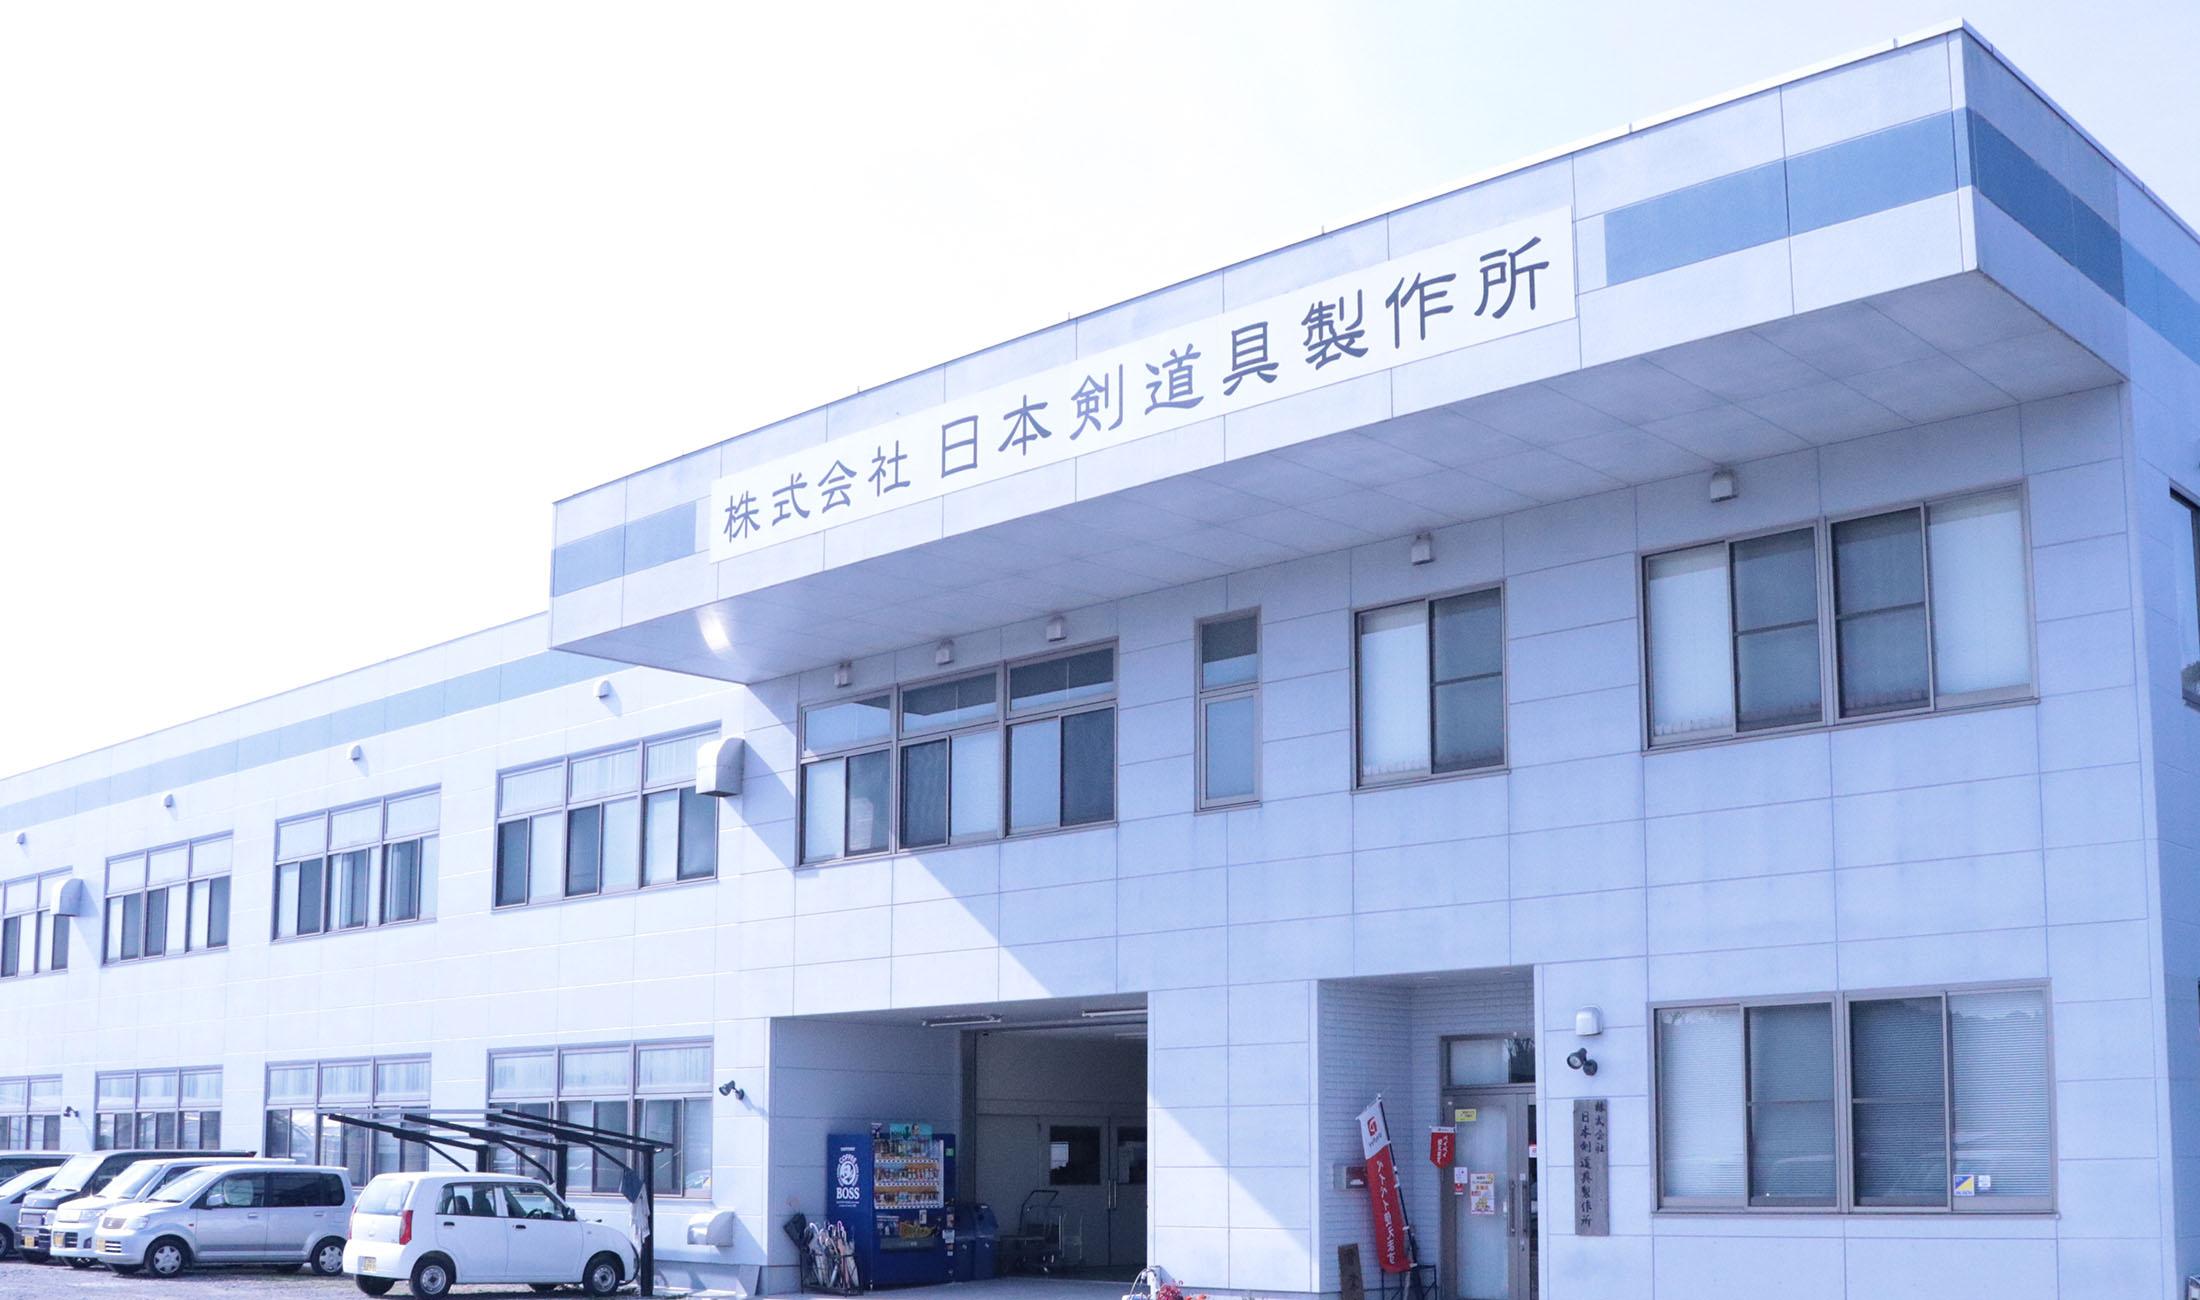 全日本武道具 日本剣道製作所 強み